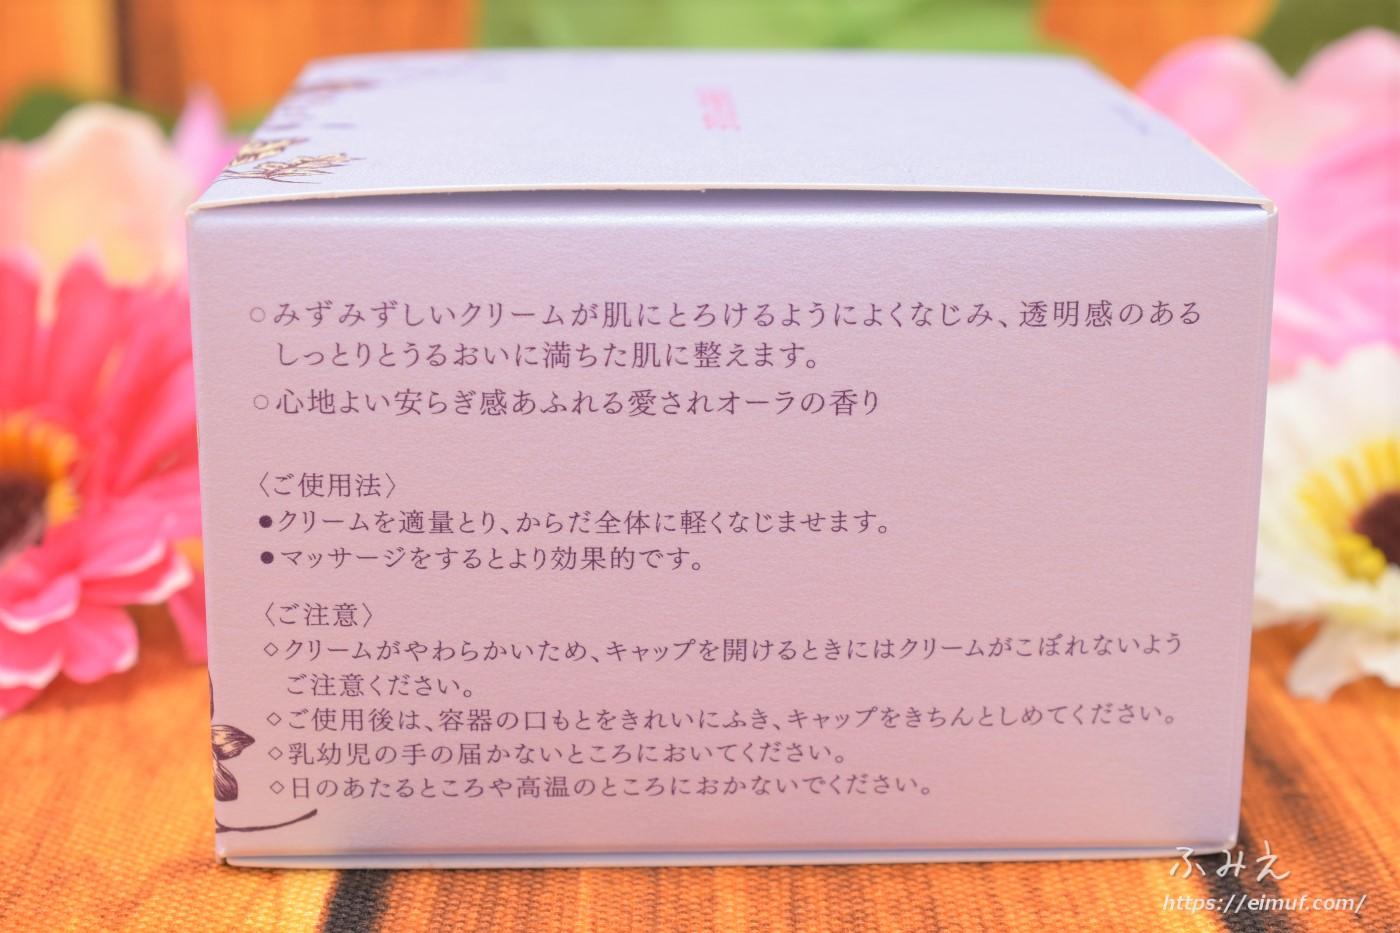 ベネフィークのボディクリーム(フォルミング)パッケージ側面2